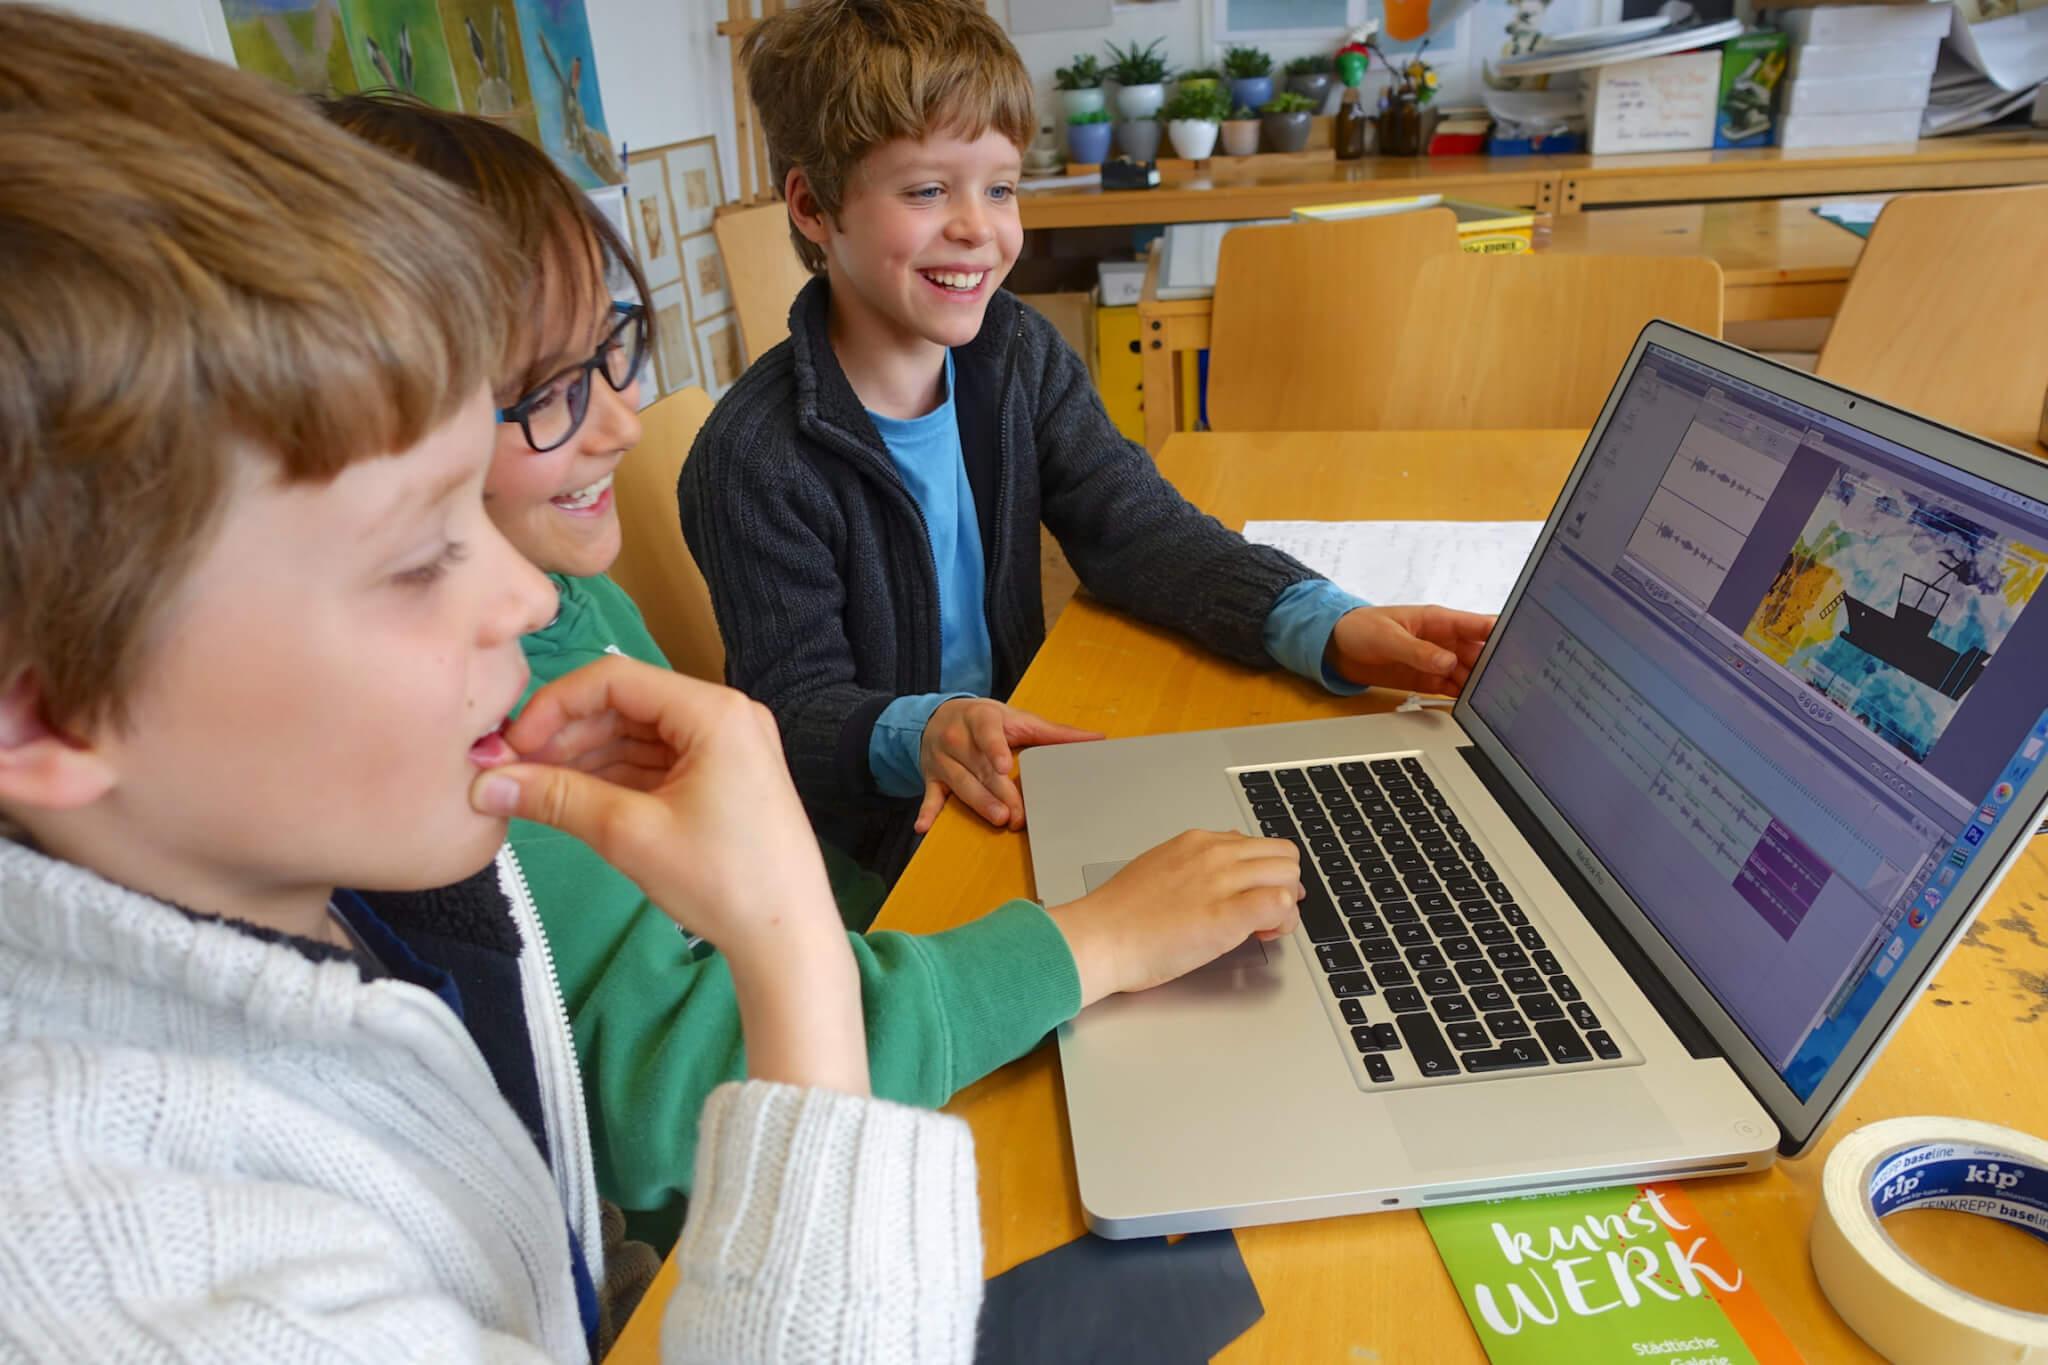 Auch der Umgang mit der modernen Technik gefällt den Kindern gut. Foto: Sonja Wessel.